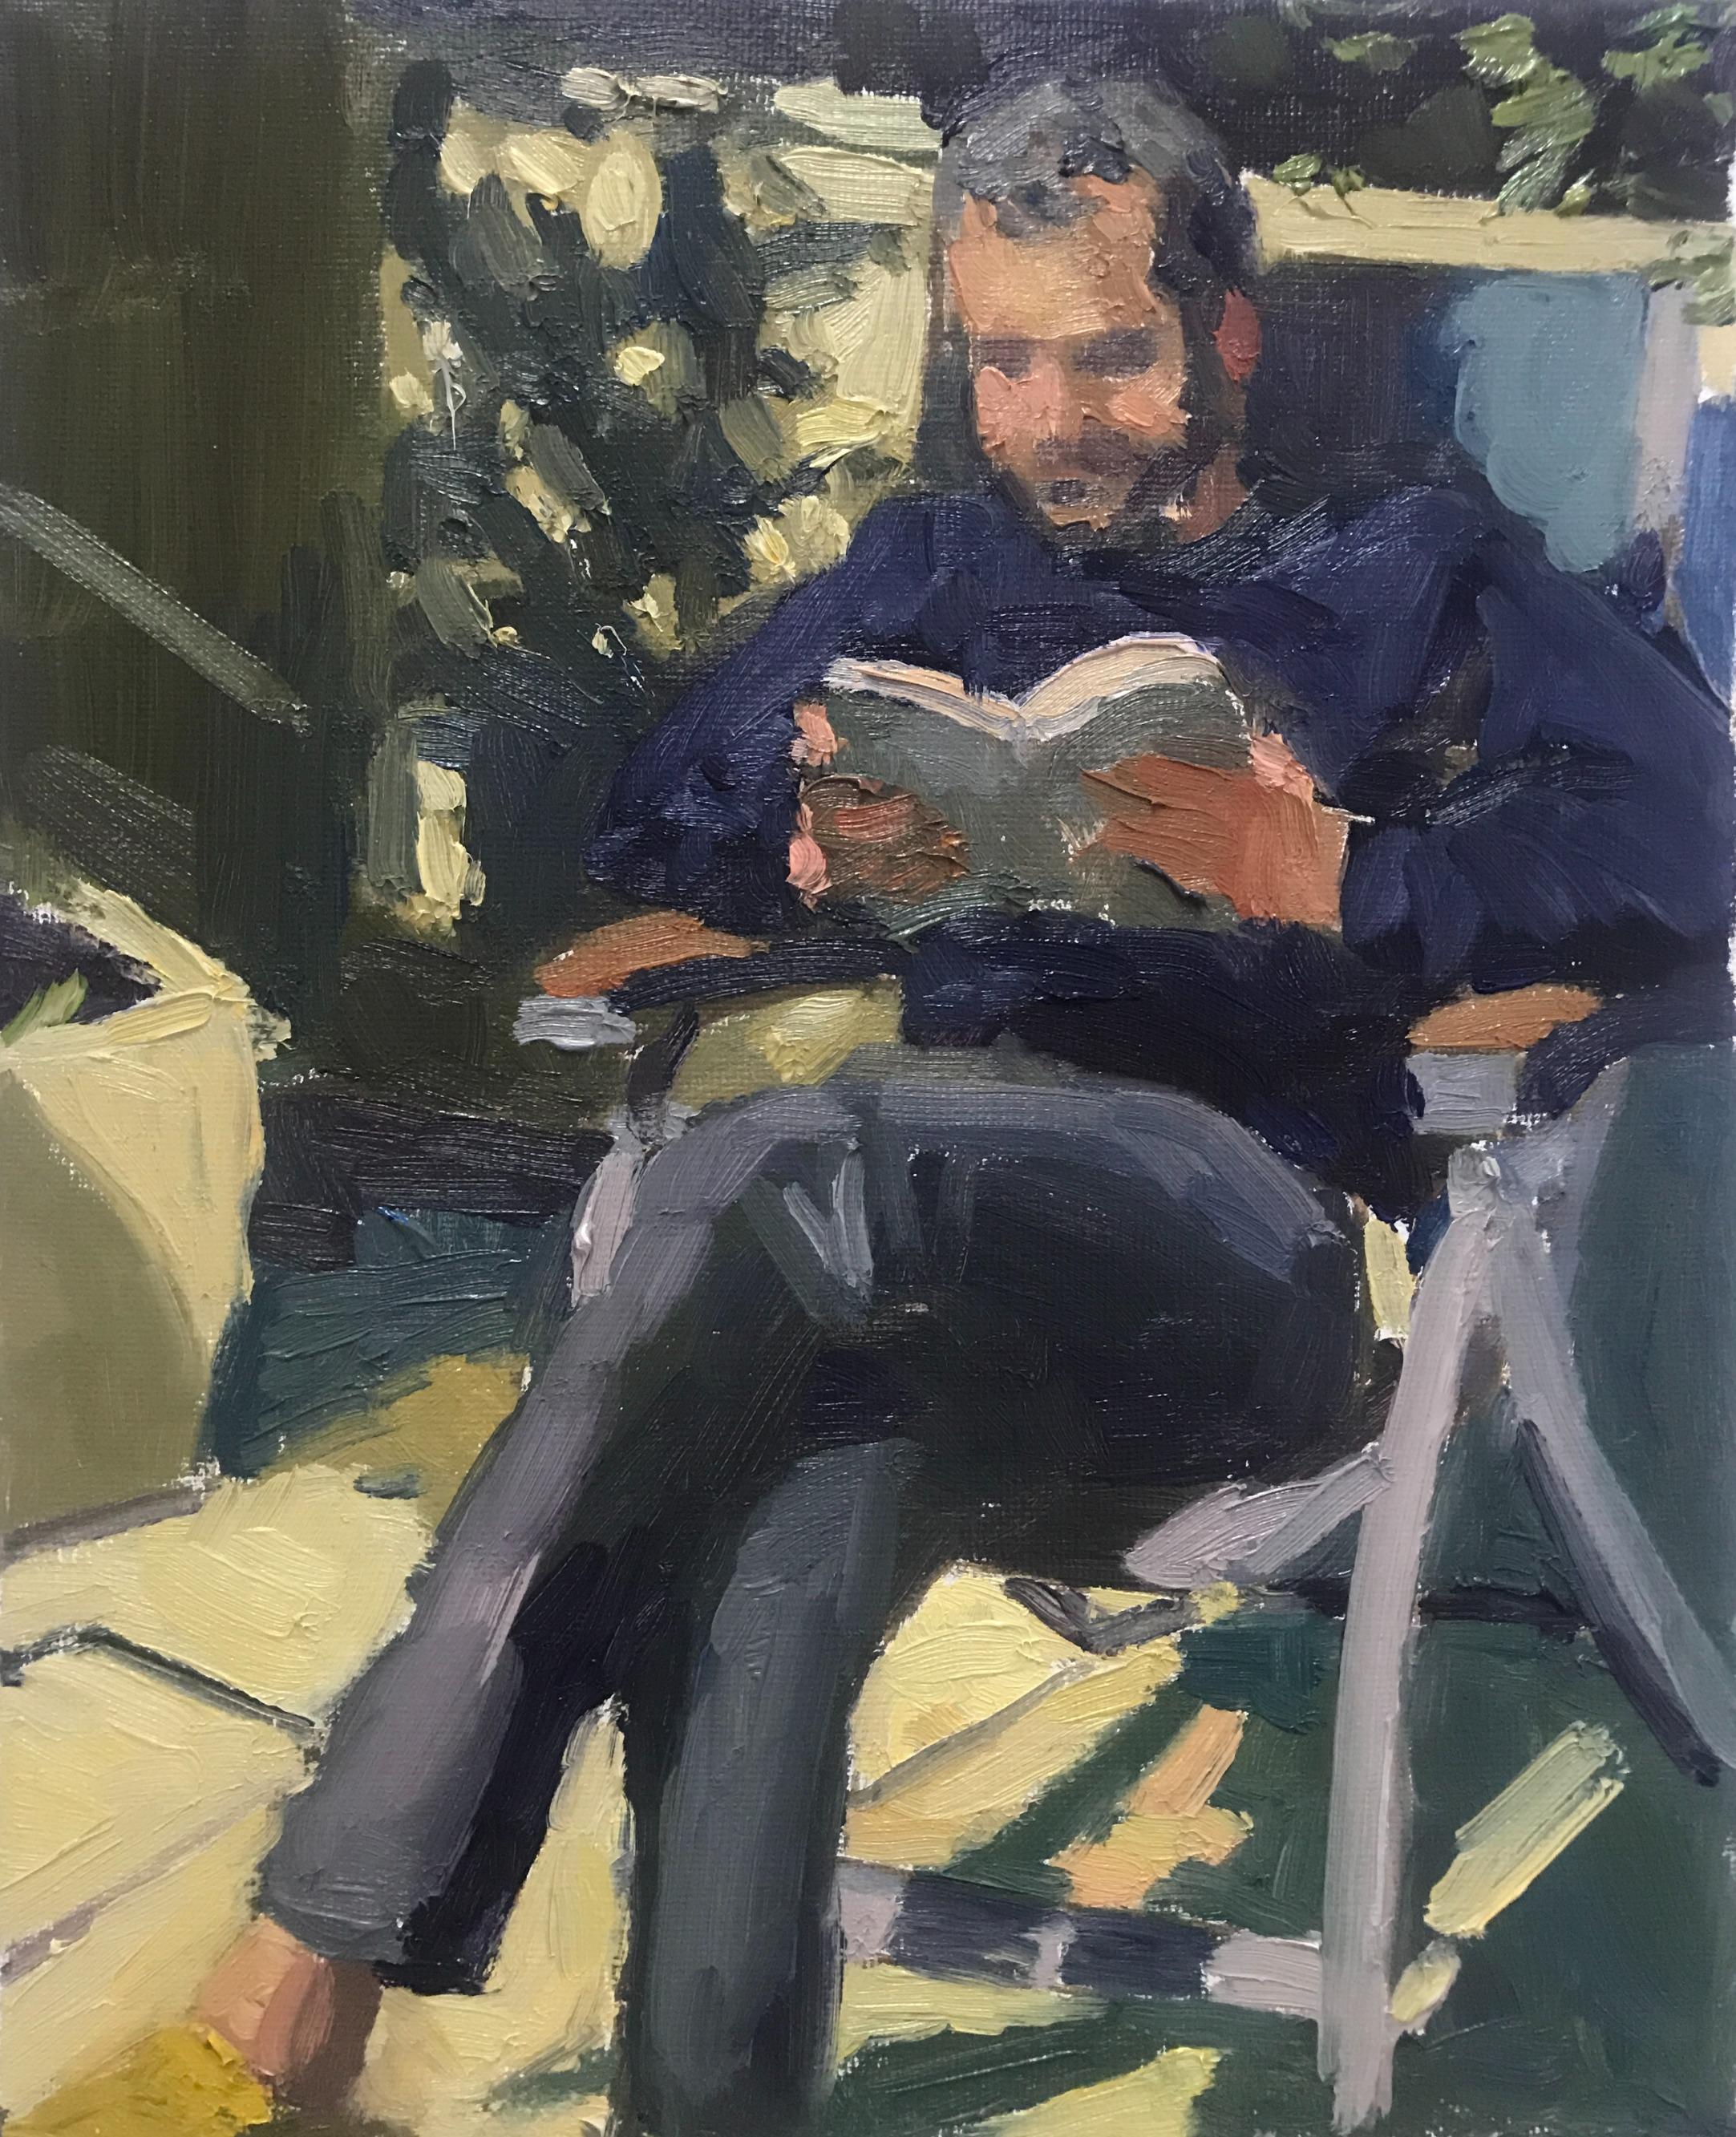 Ali reading in the backyard